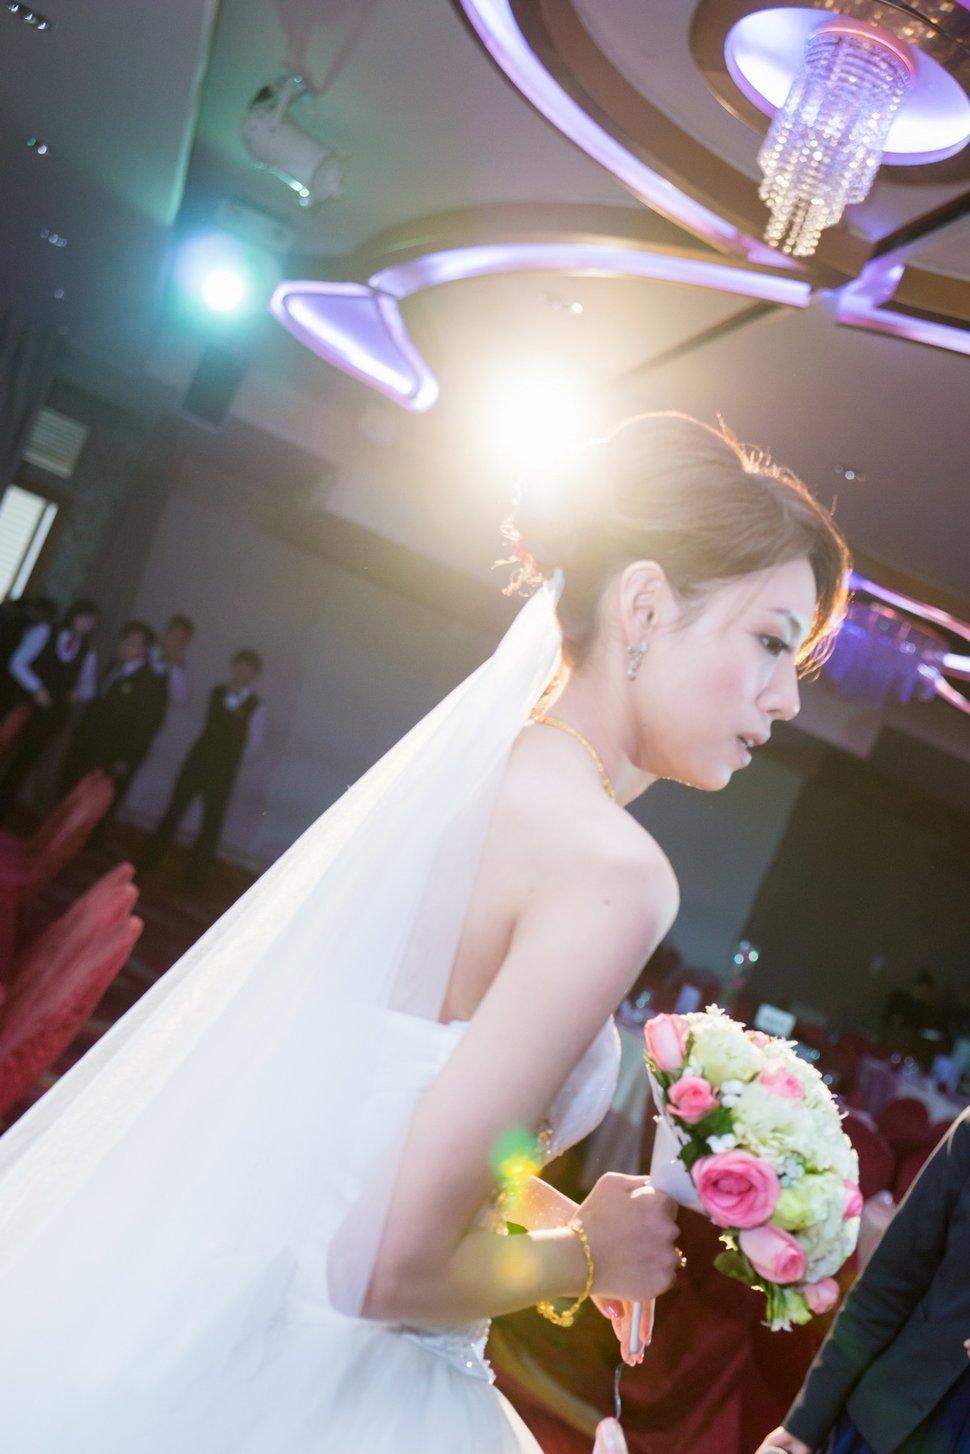 2014-01-26  0129 - 全職攝影師 Jerry  (婚攝杰瑞) - 結婚吧